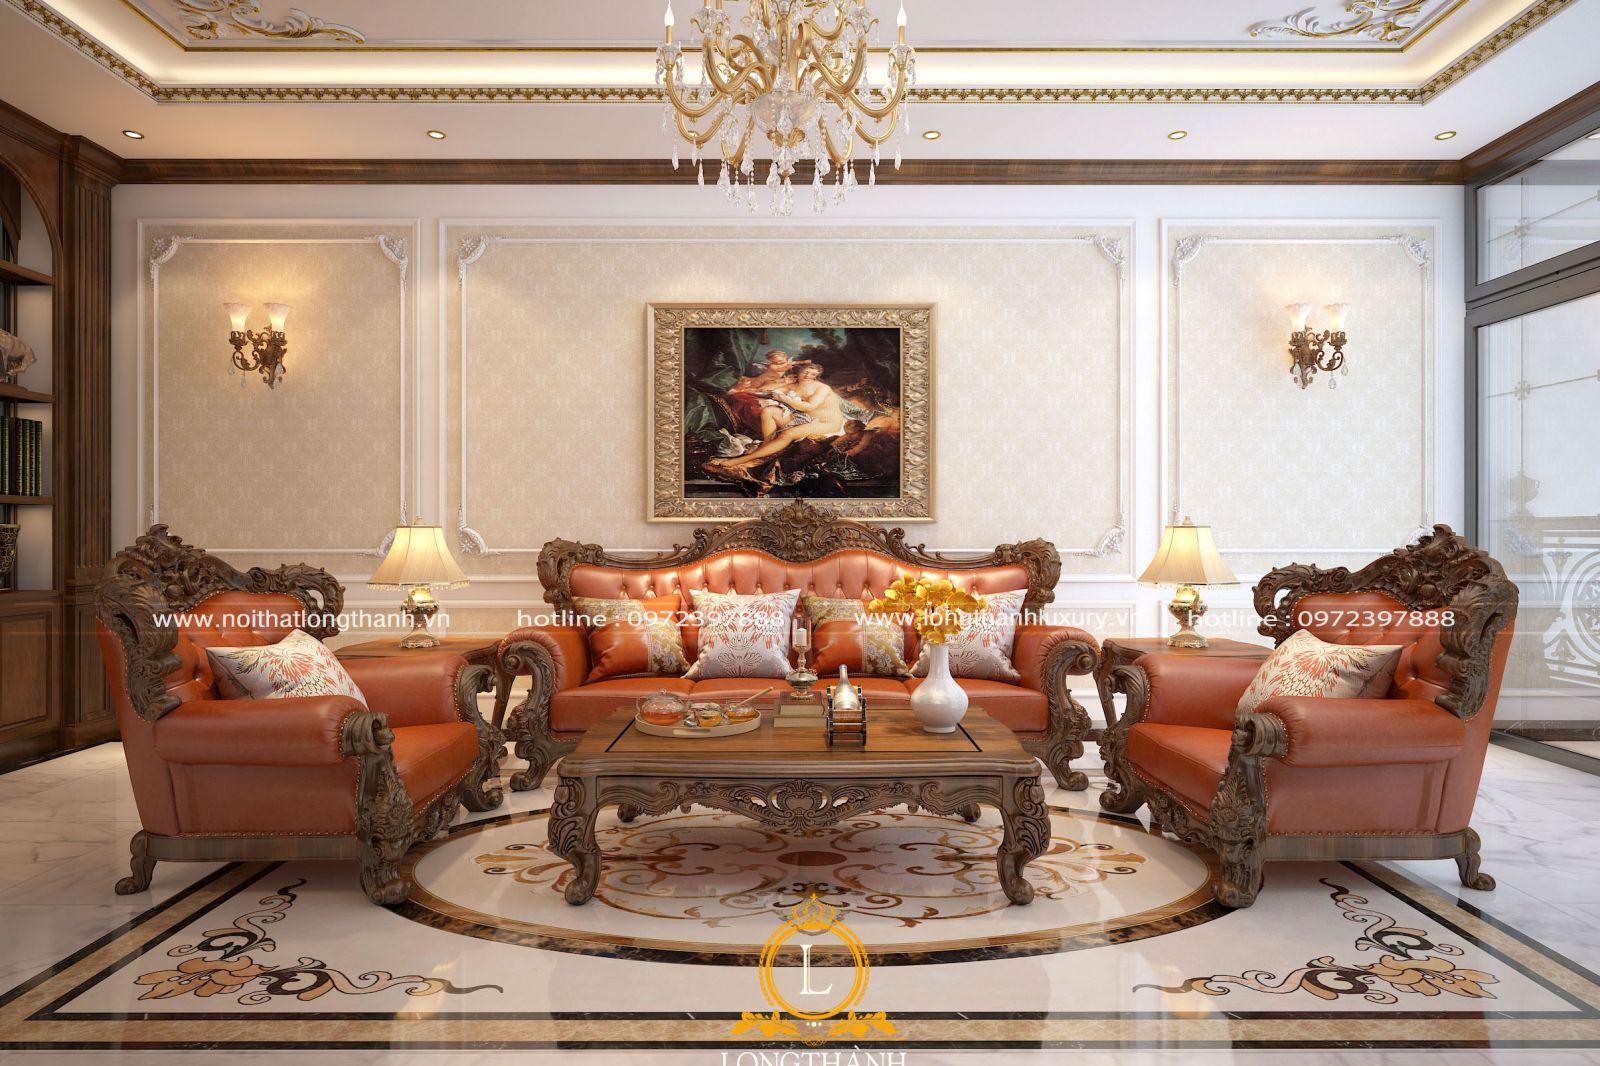 Bàn trà phòng khách được làm từ chất liệu gỗ tự nhiên cao cấp